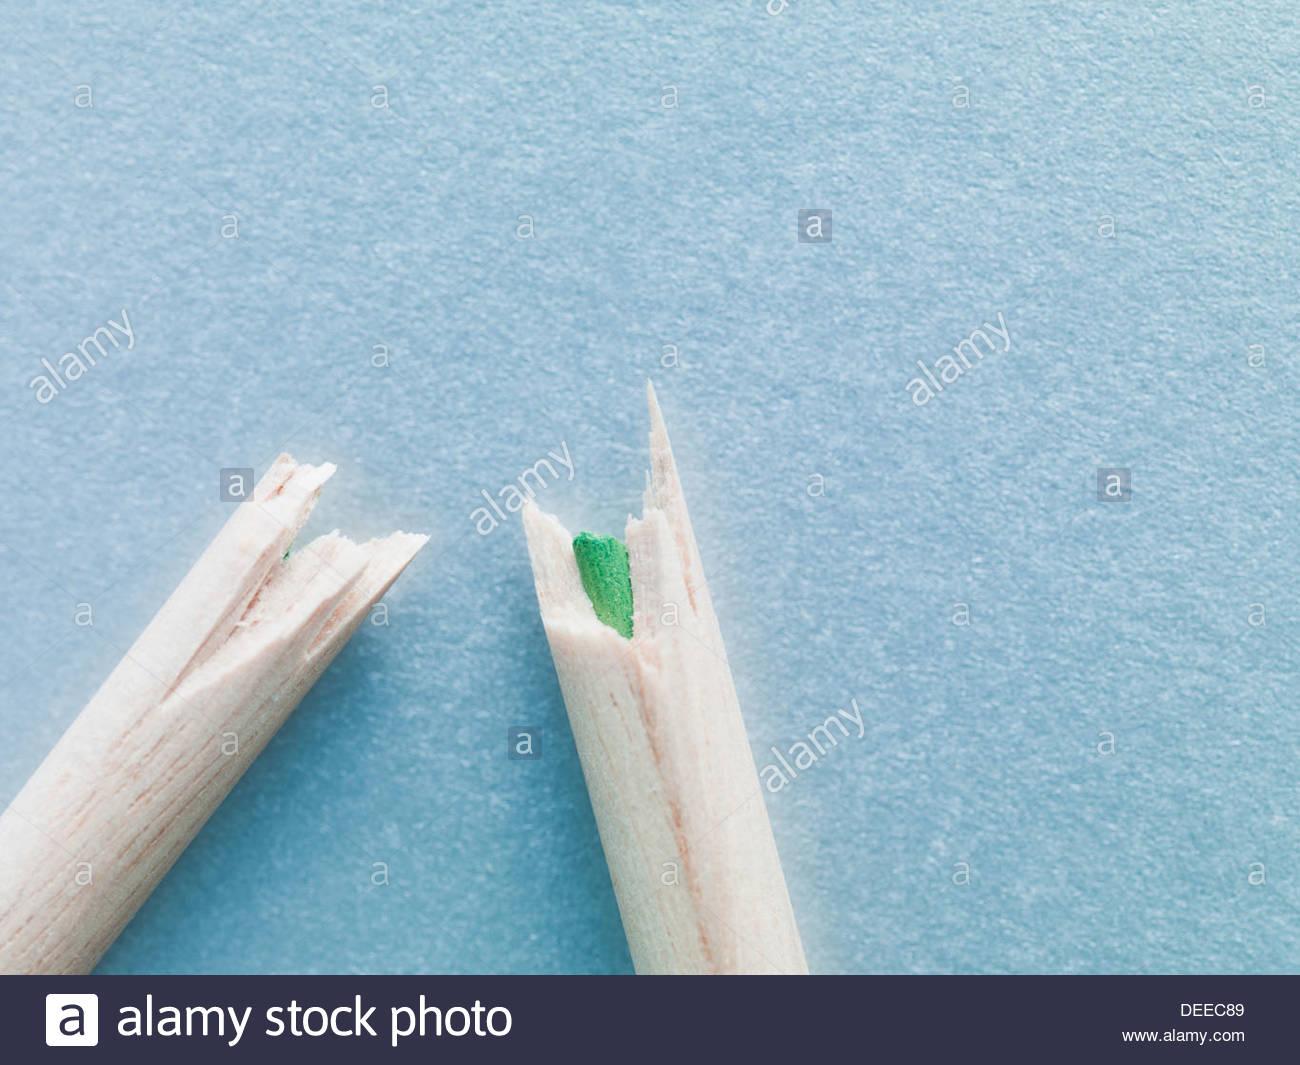 Broken color pencil pieces - Stock Image